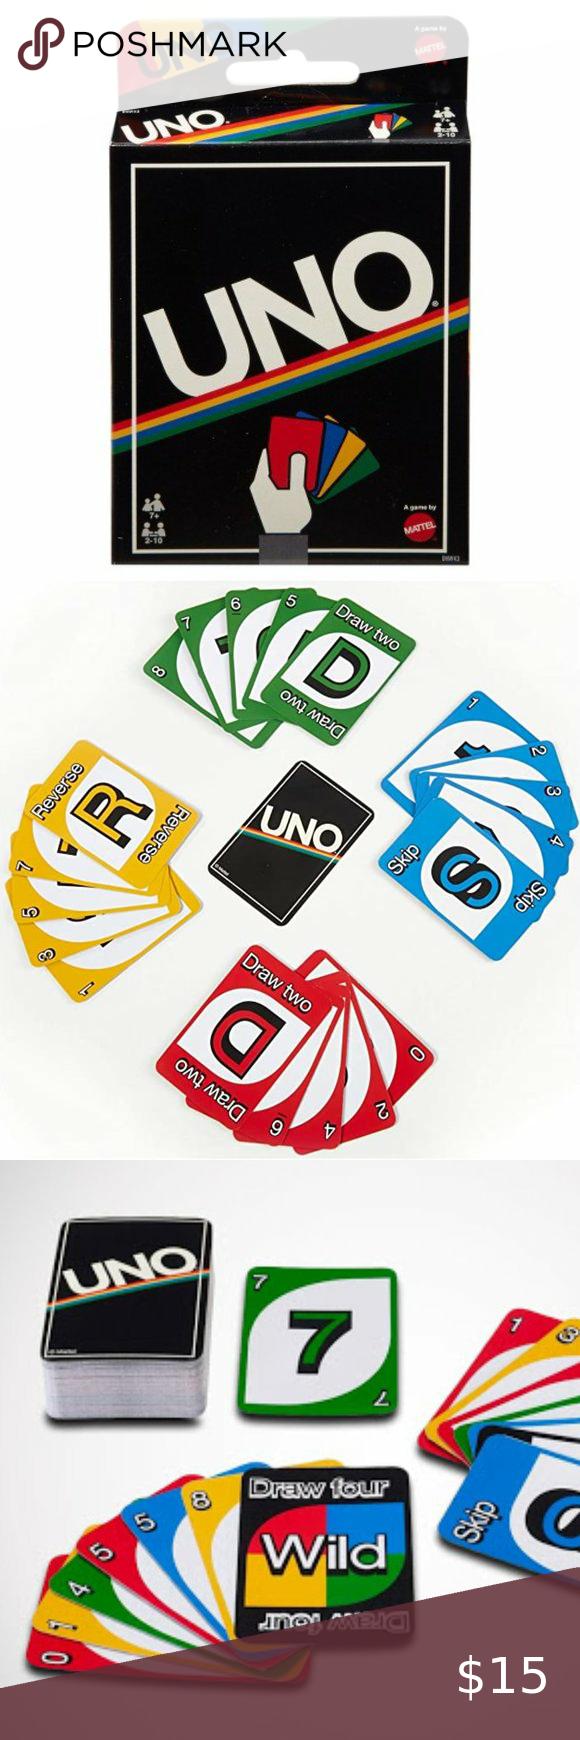 Uno Card Game Retro Edition New Uno Card Game Card Games Retro